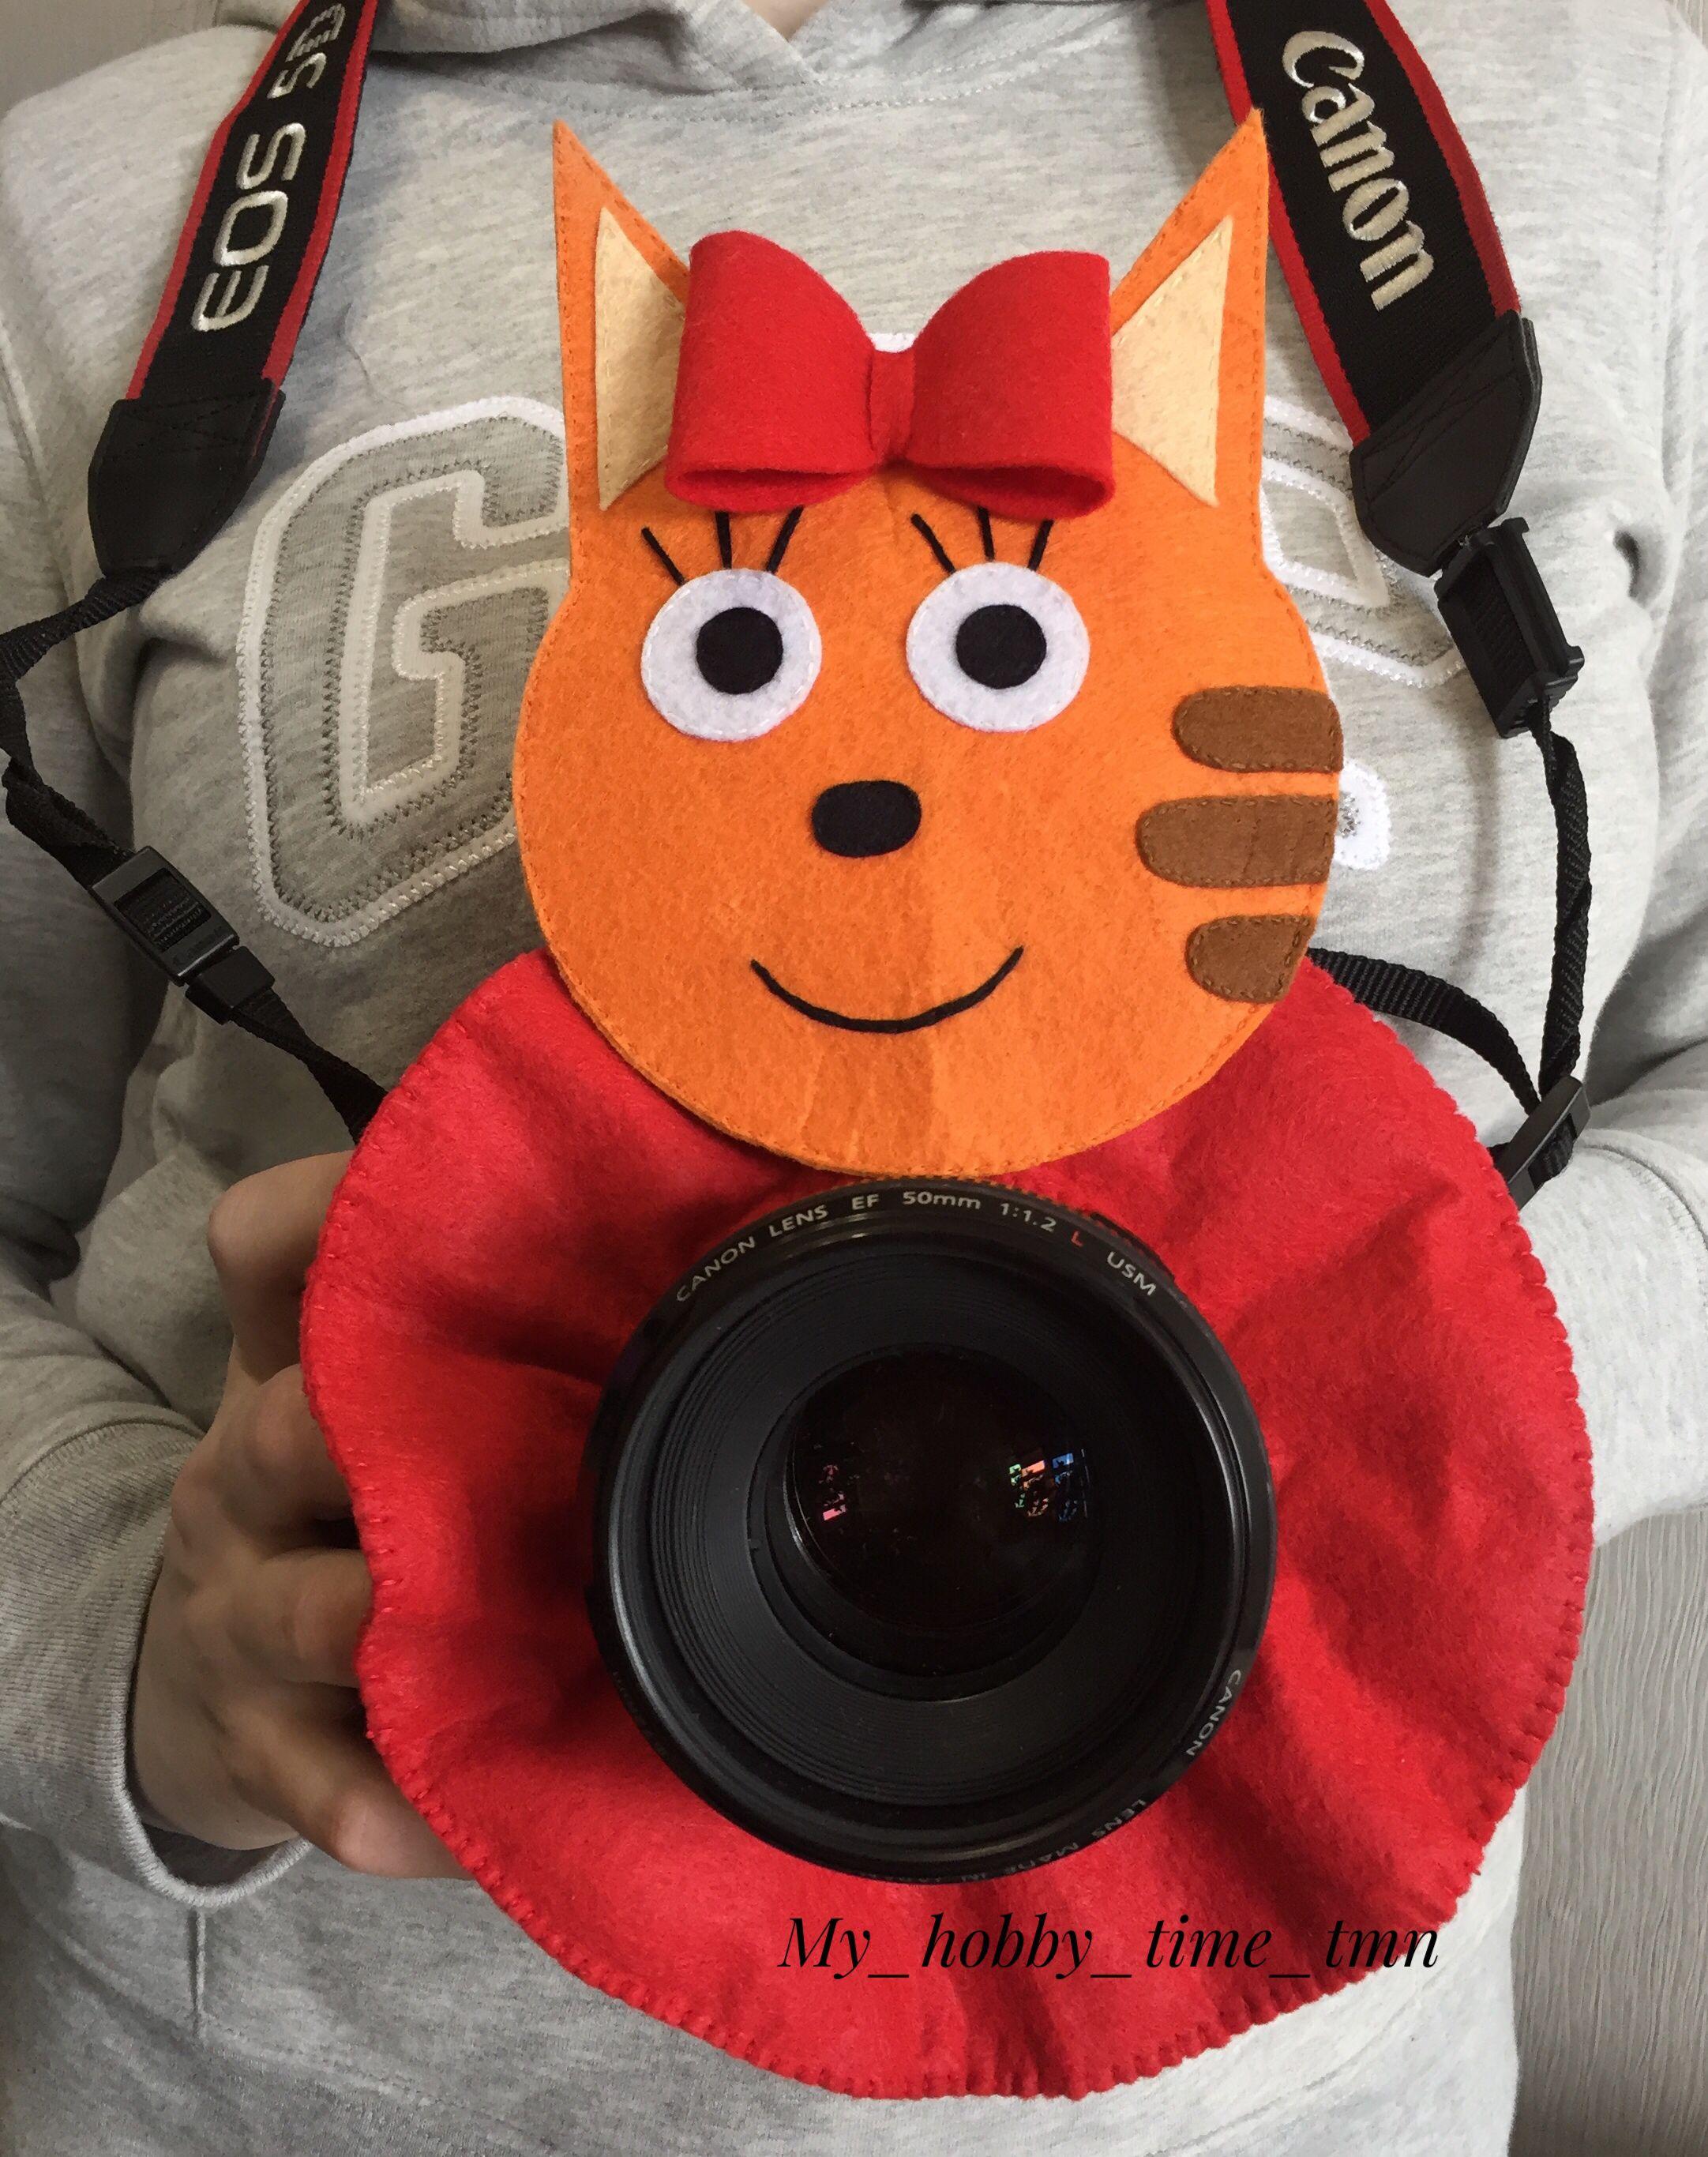 грустно нас как сшить игрушку на объектив фотоаппарата можете продолжить